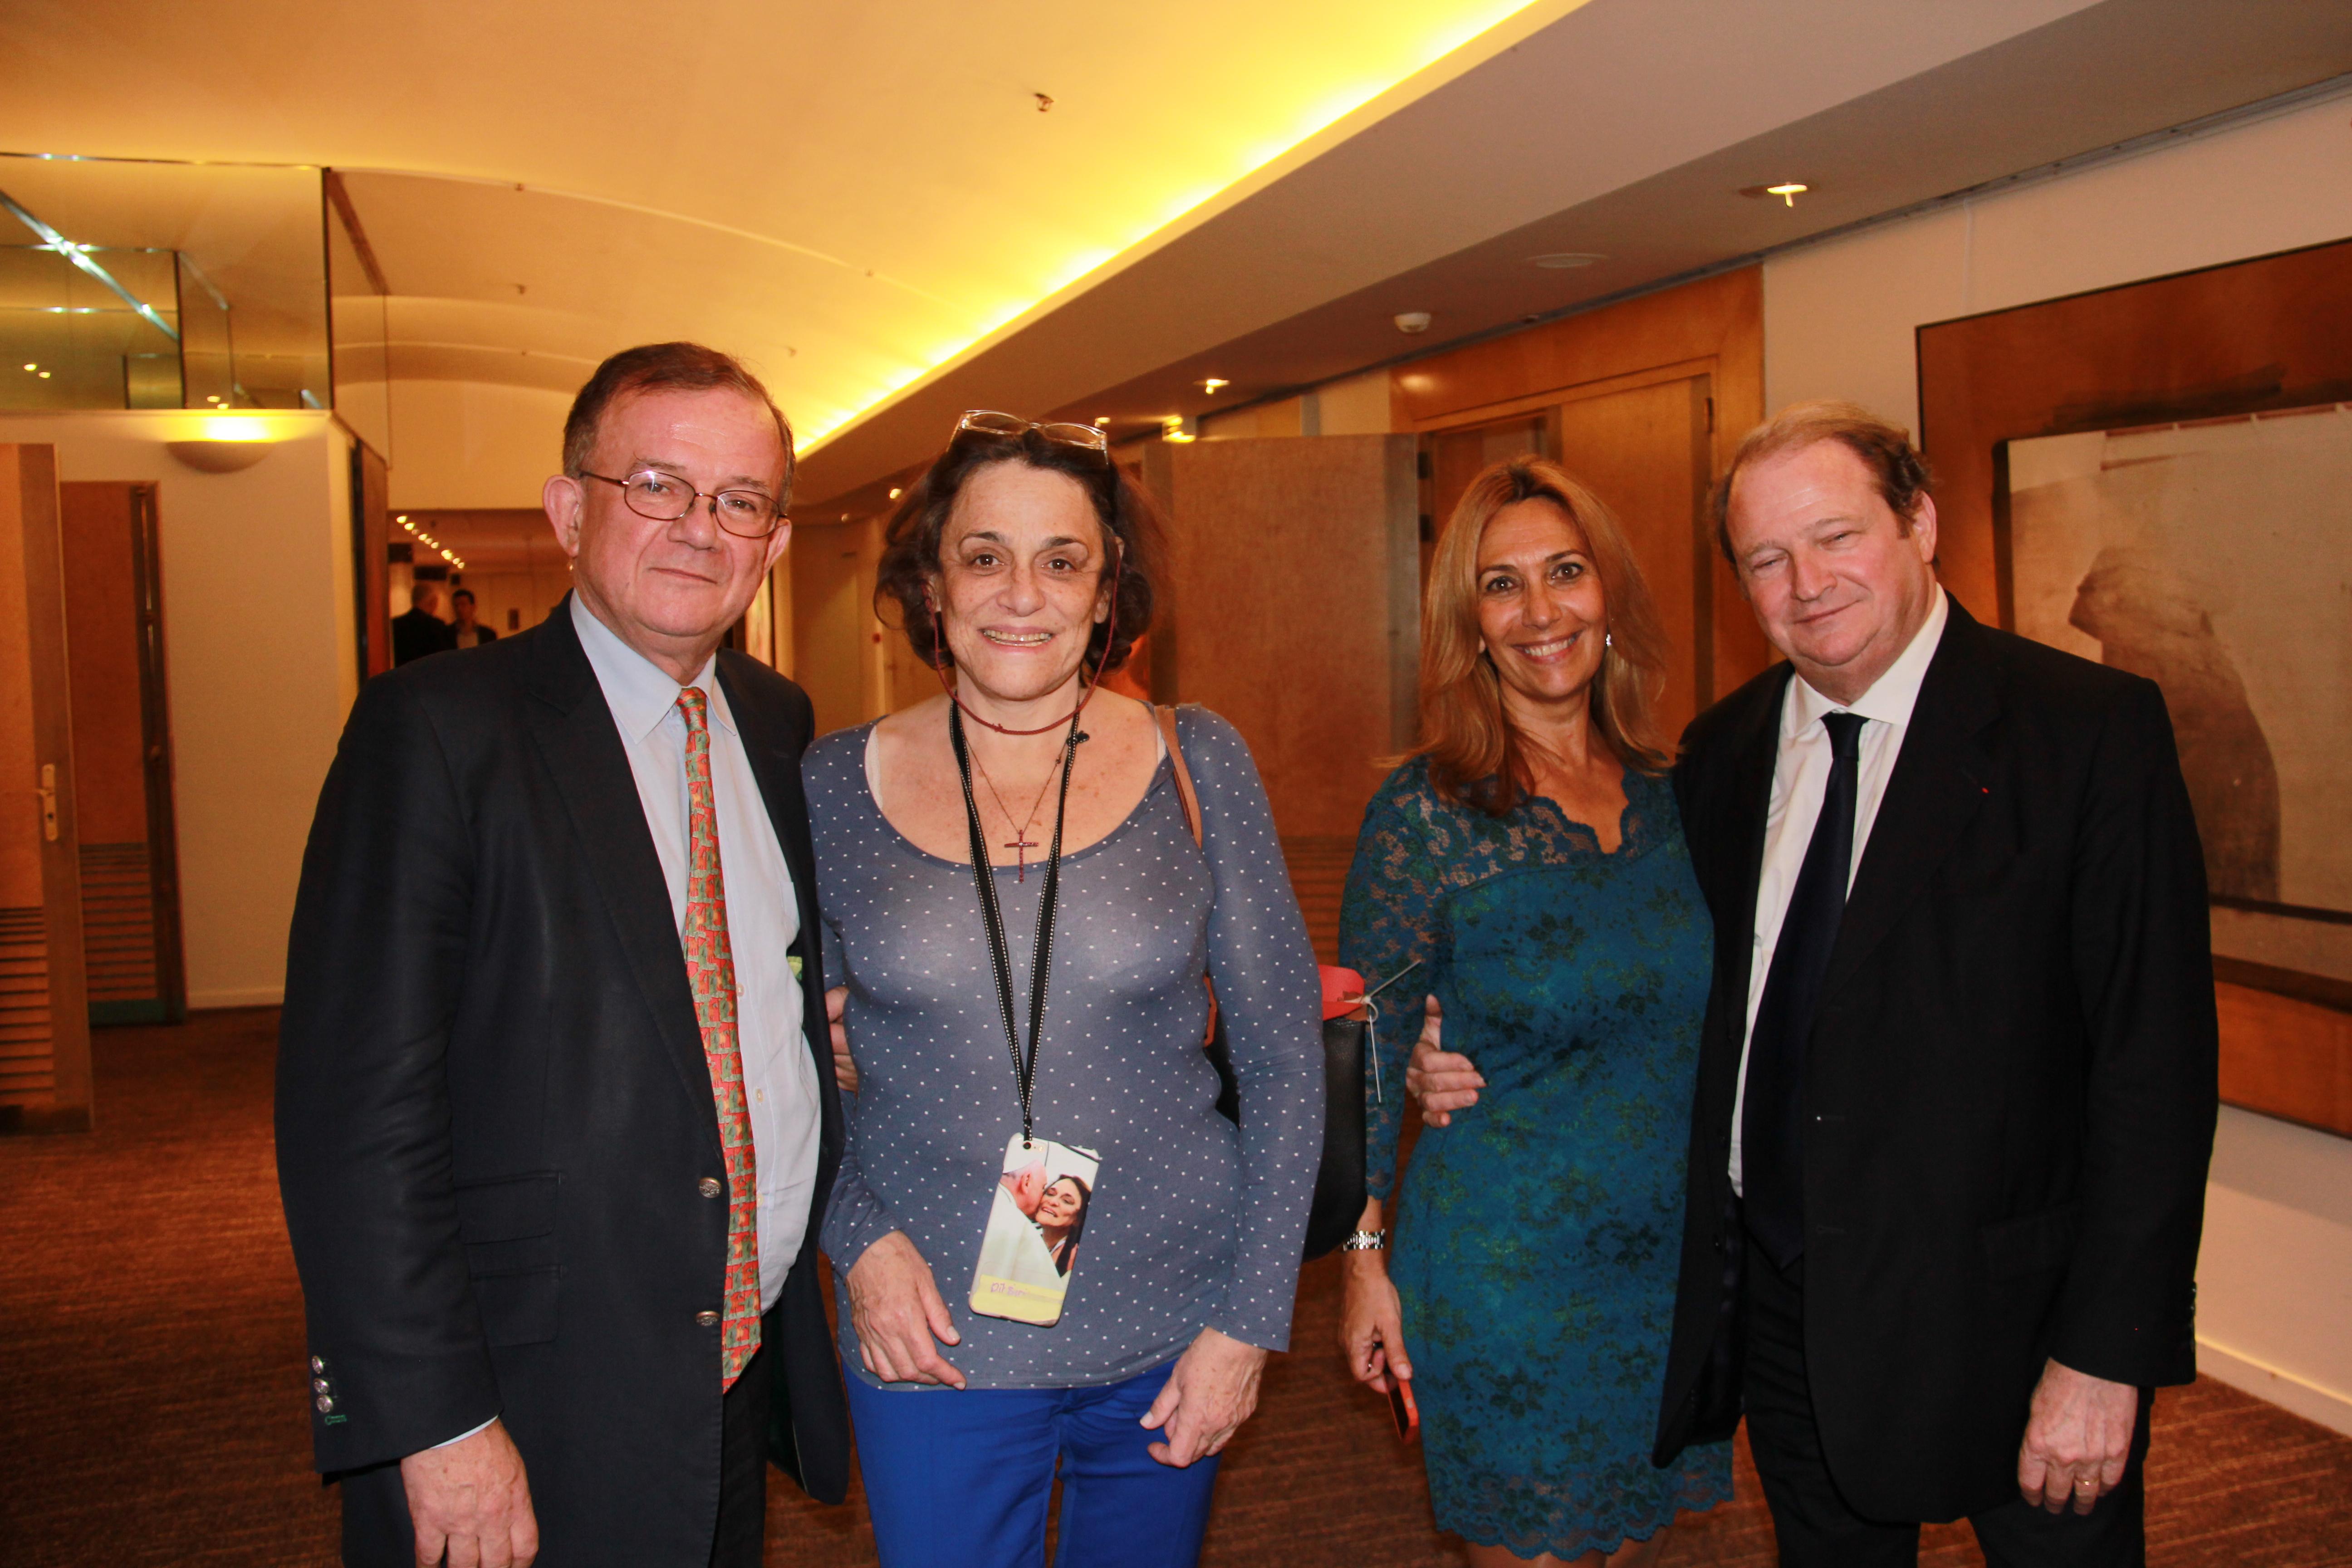 Dominique de Montvalon - Le Journal du Dimanche, Caroline Pigozzi - Paris Match, Isabelle Bourdet - Press Club et le Sénateur Pierre Charon